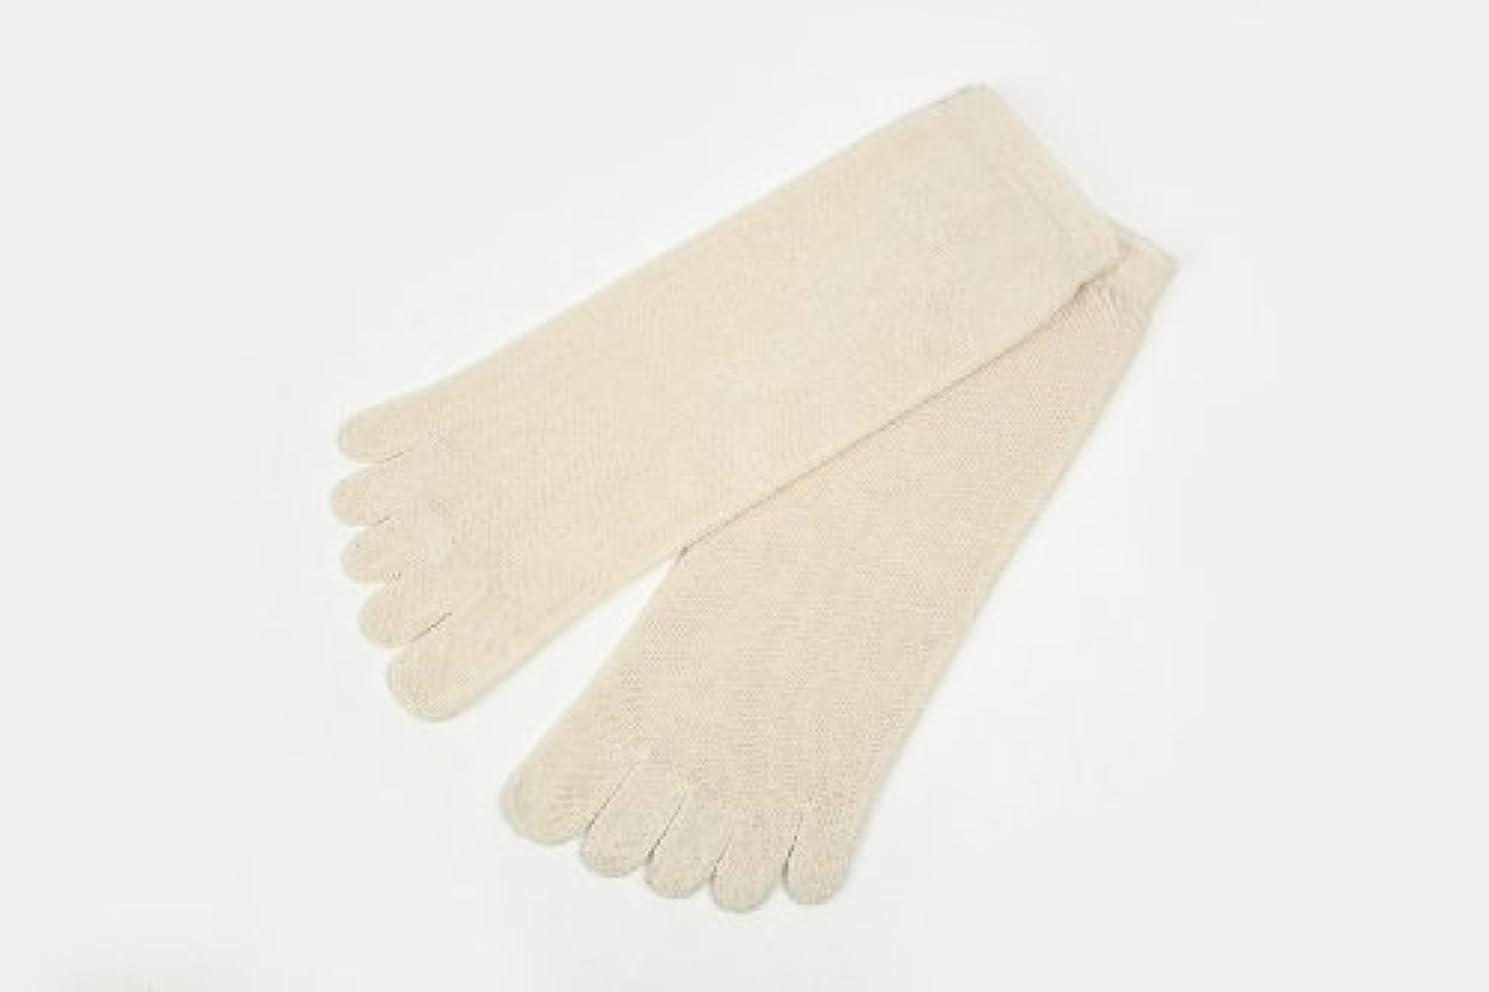 メンタリティ要旨貫入utatane 冷えとり靴下 大人用 オーガニックコットン100% 5本指ソックス